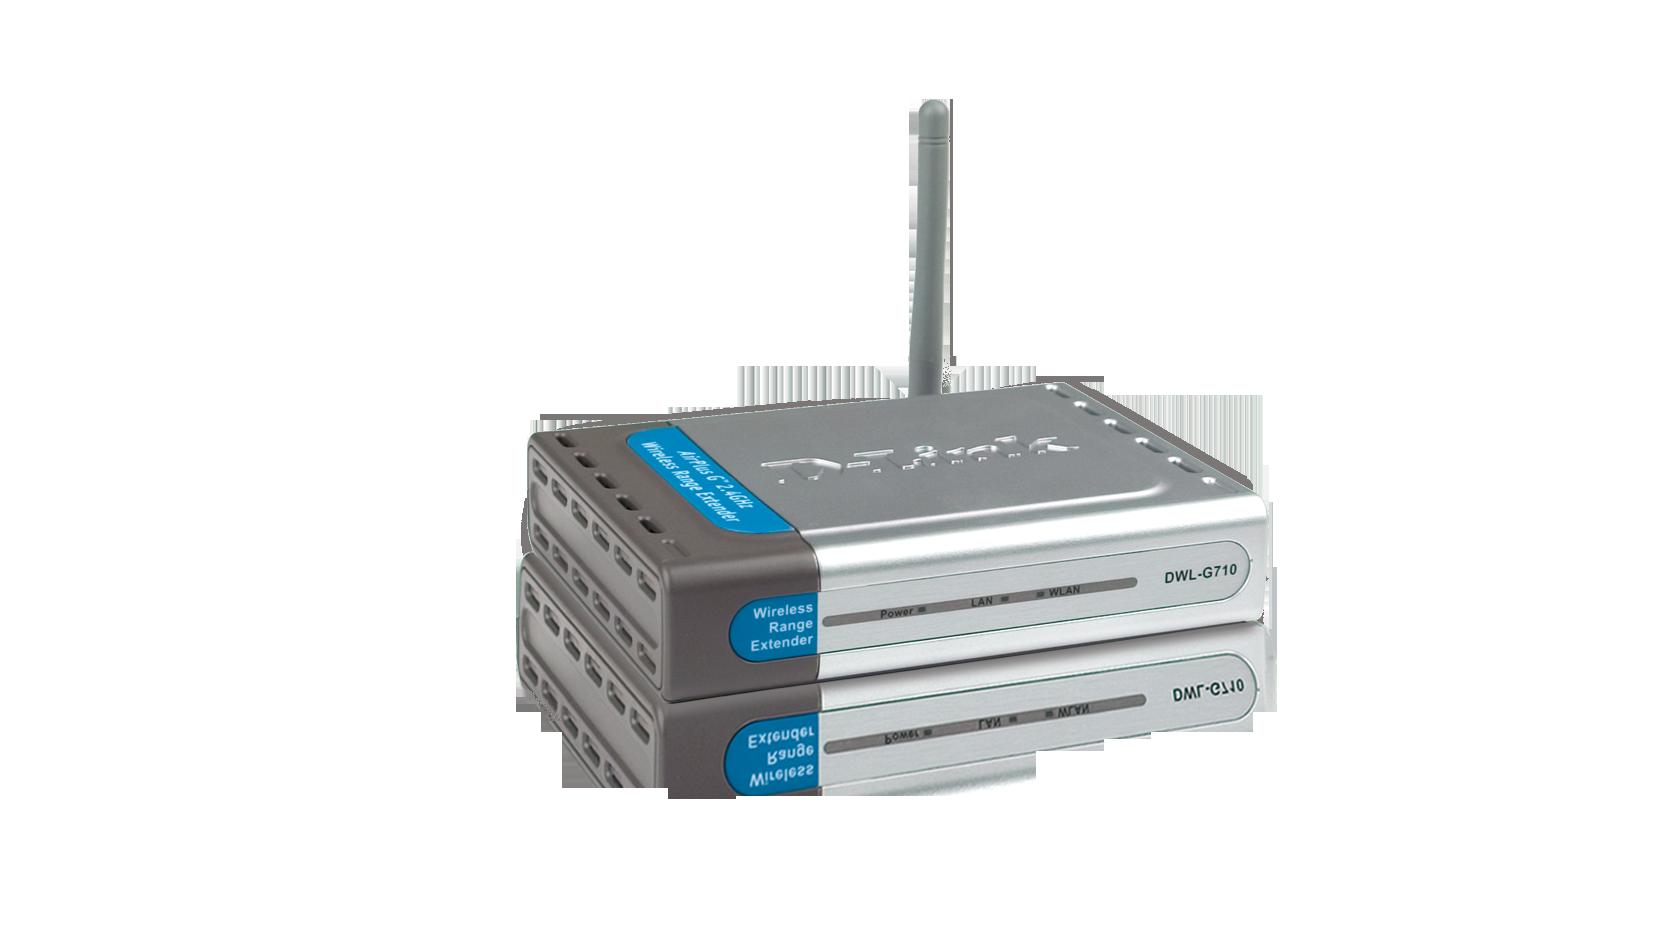 Wireless G Router 2.4 Ghz 802.11g